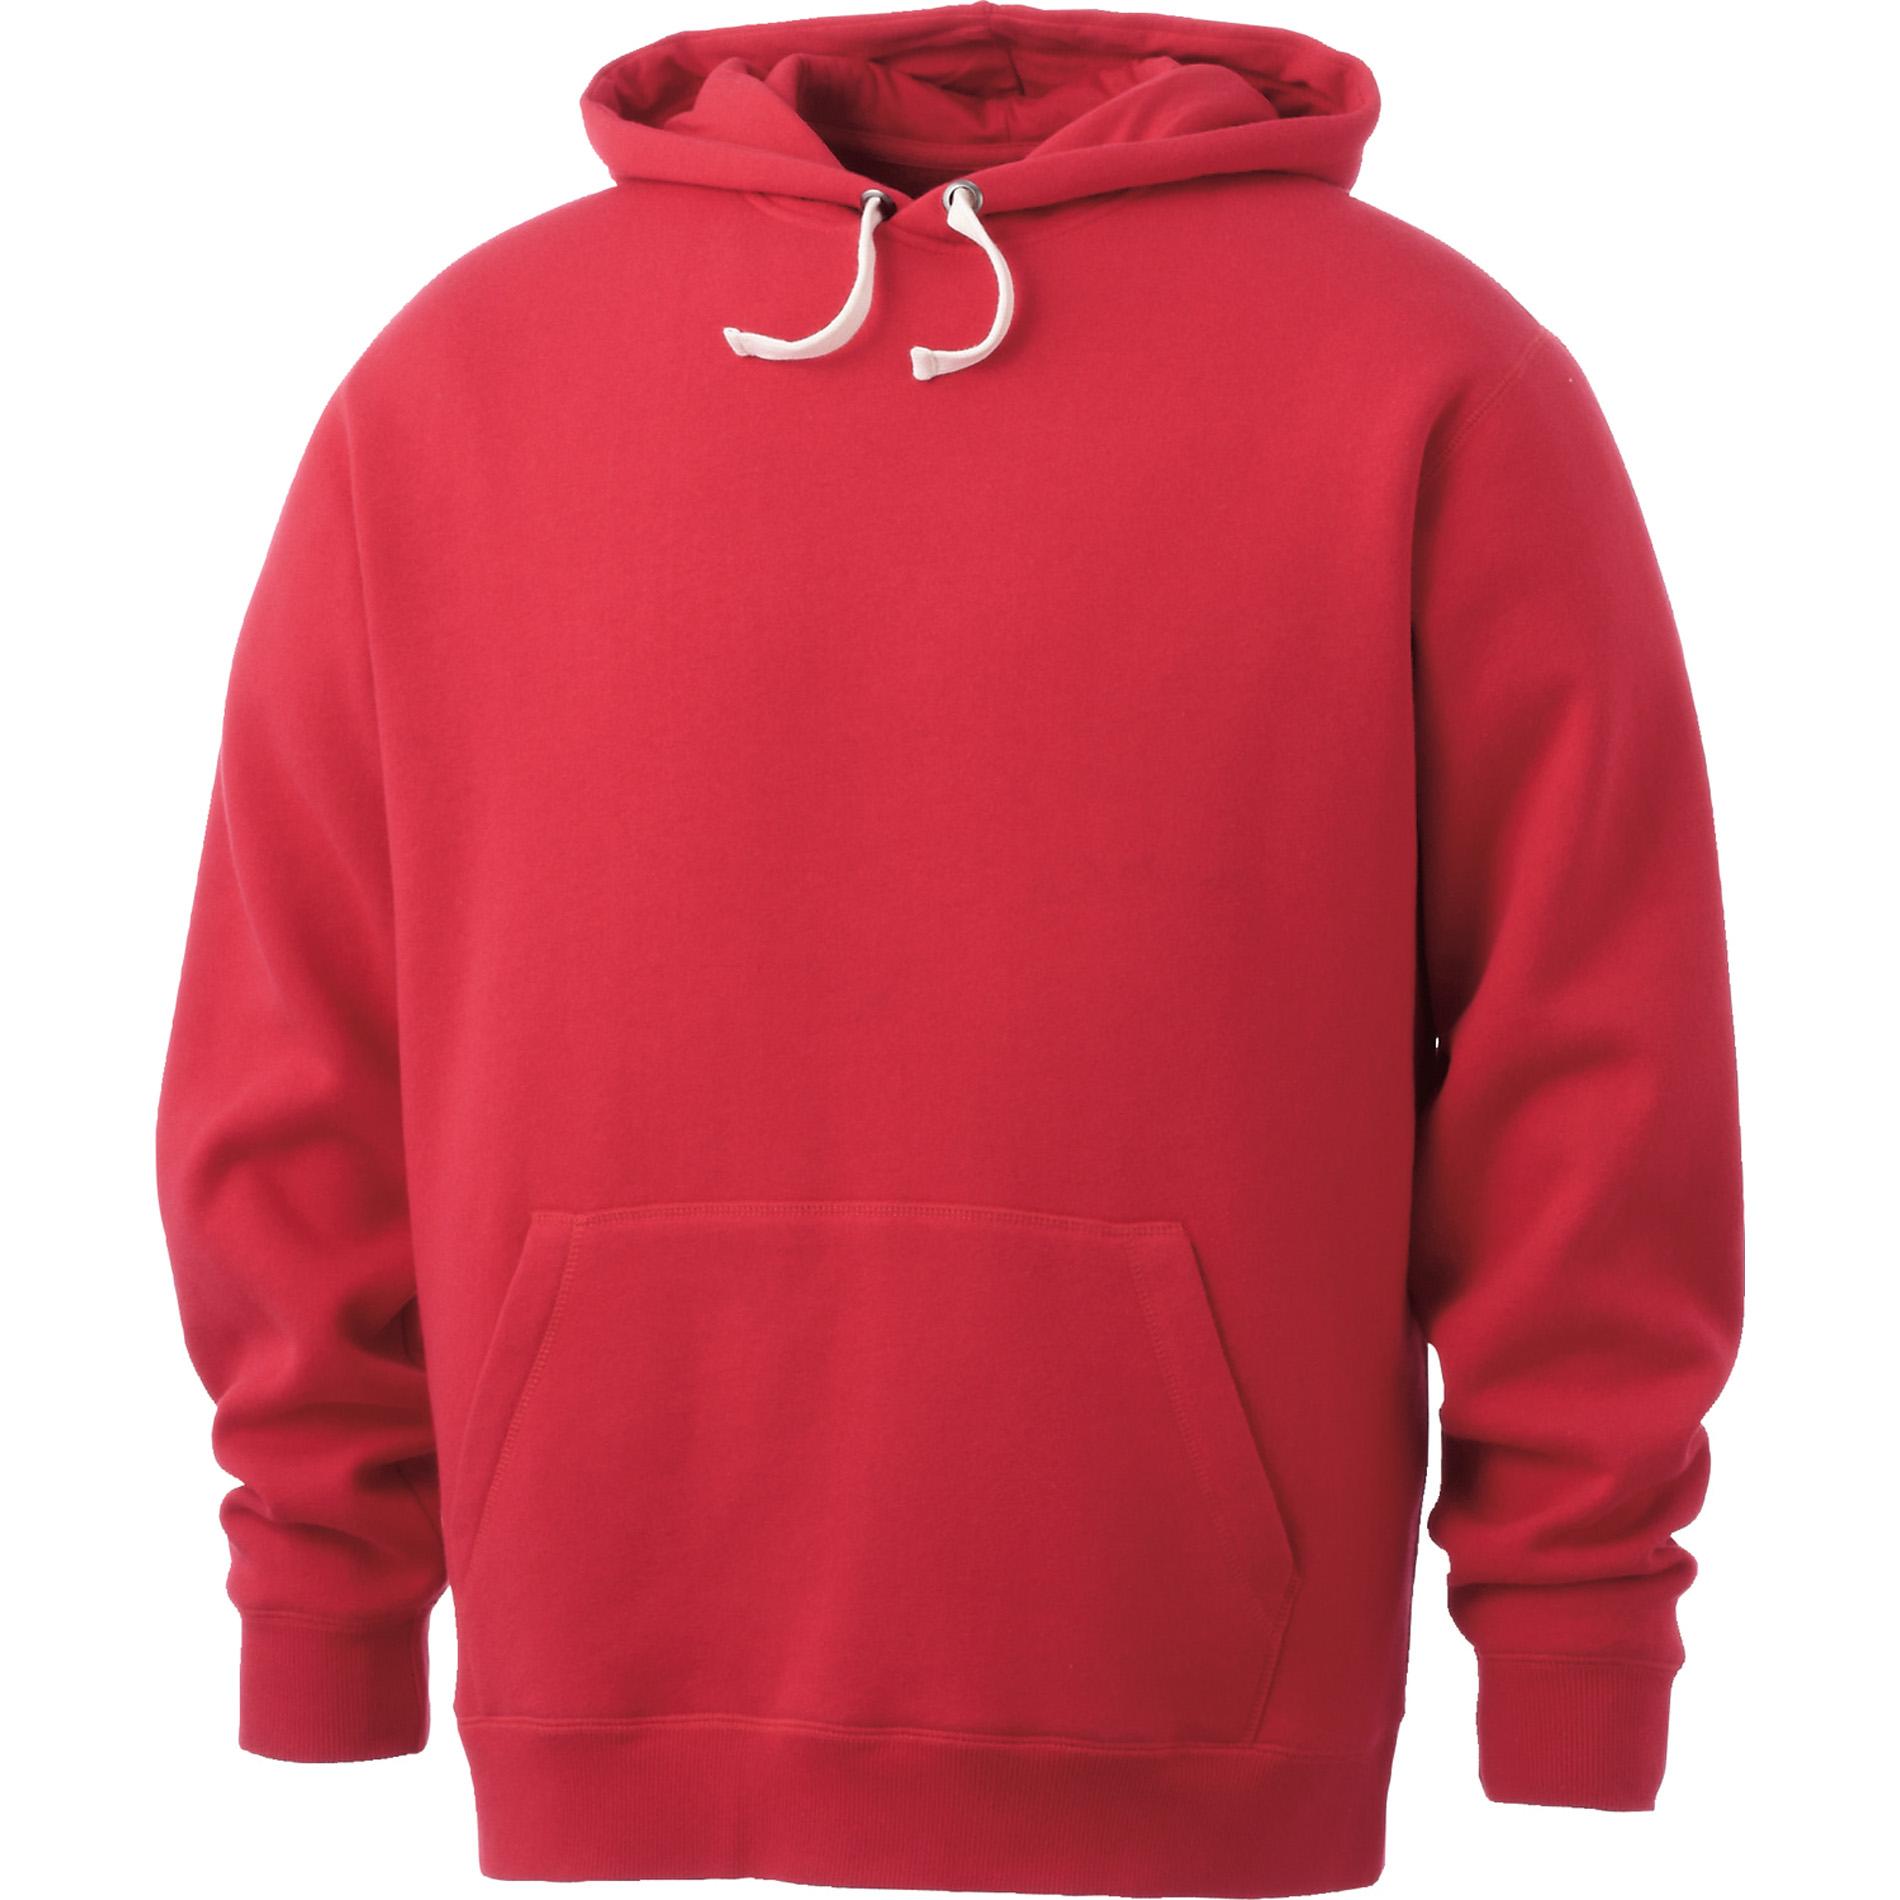 Promotional Products | Fleece, Sweatshirts & Hoodies